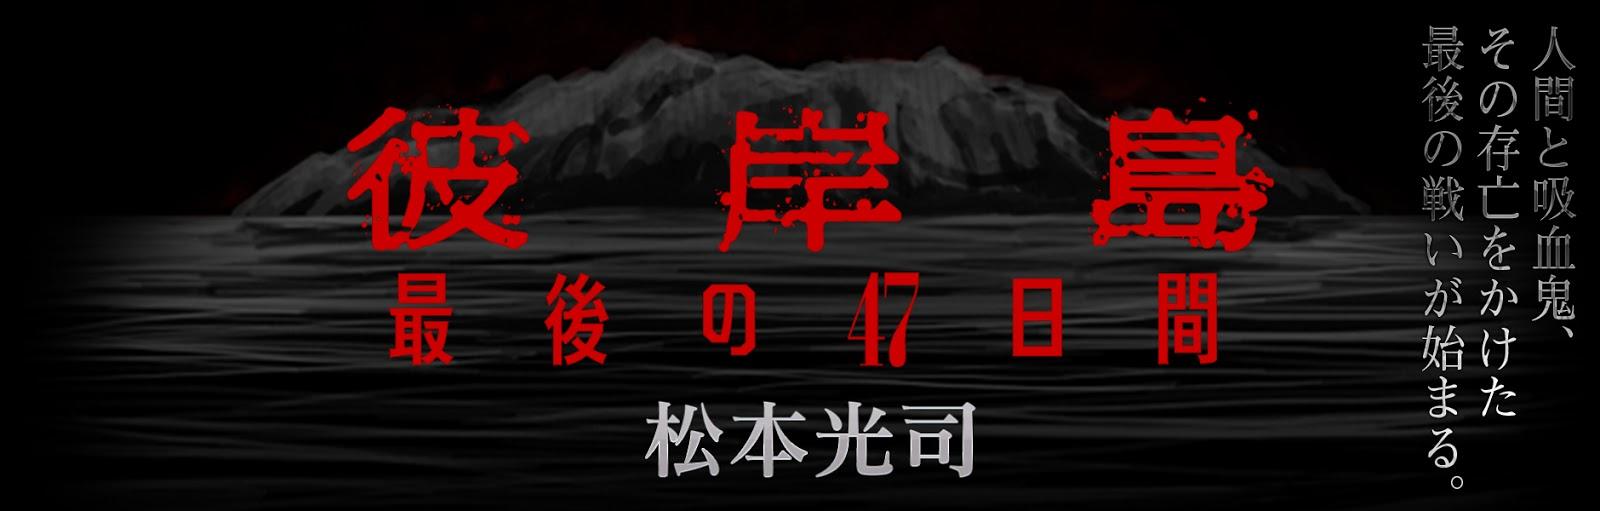 """『彼岸島 最後の47日間』最新話の展開に、""""ガチ"""" …"""